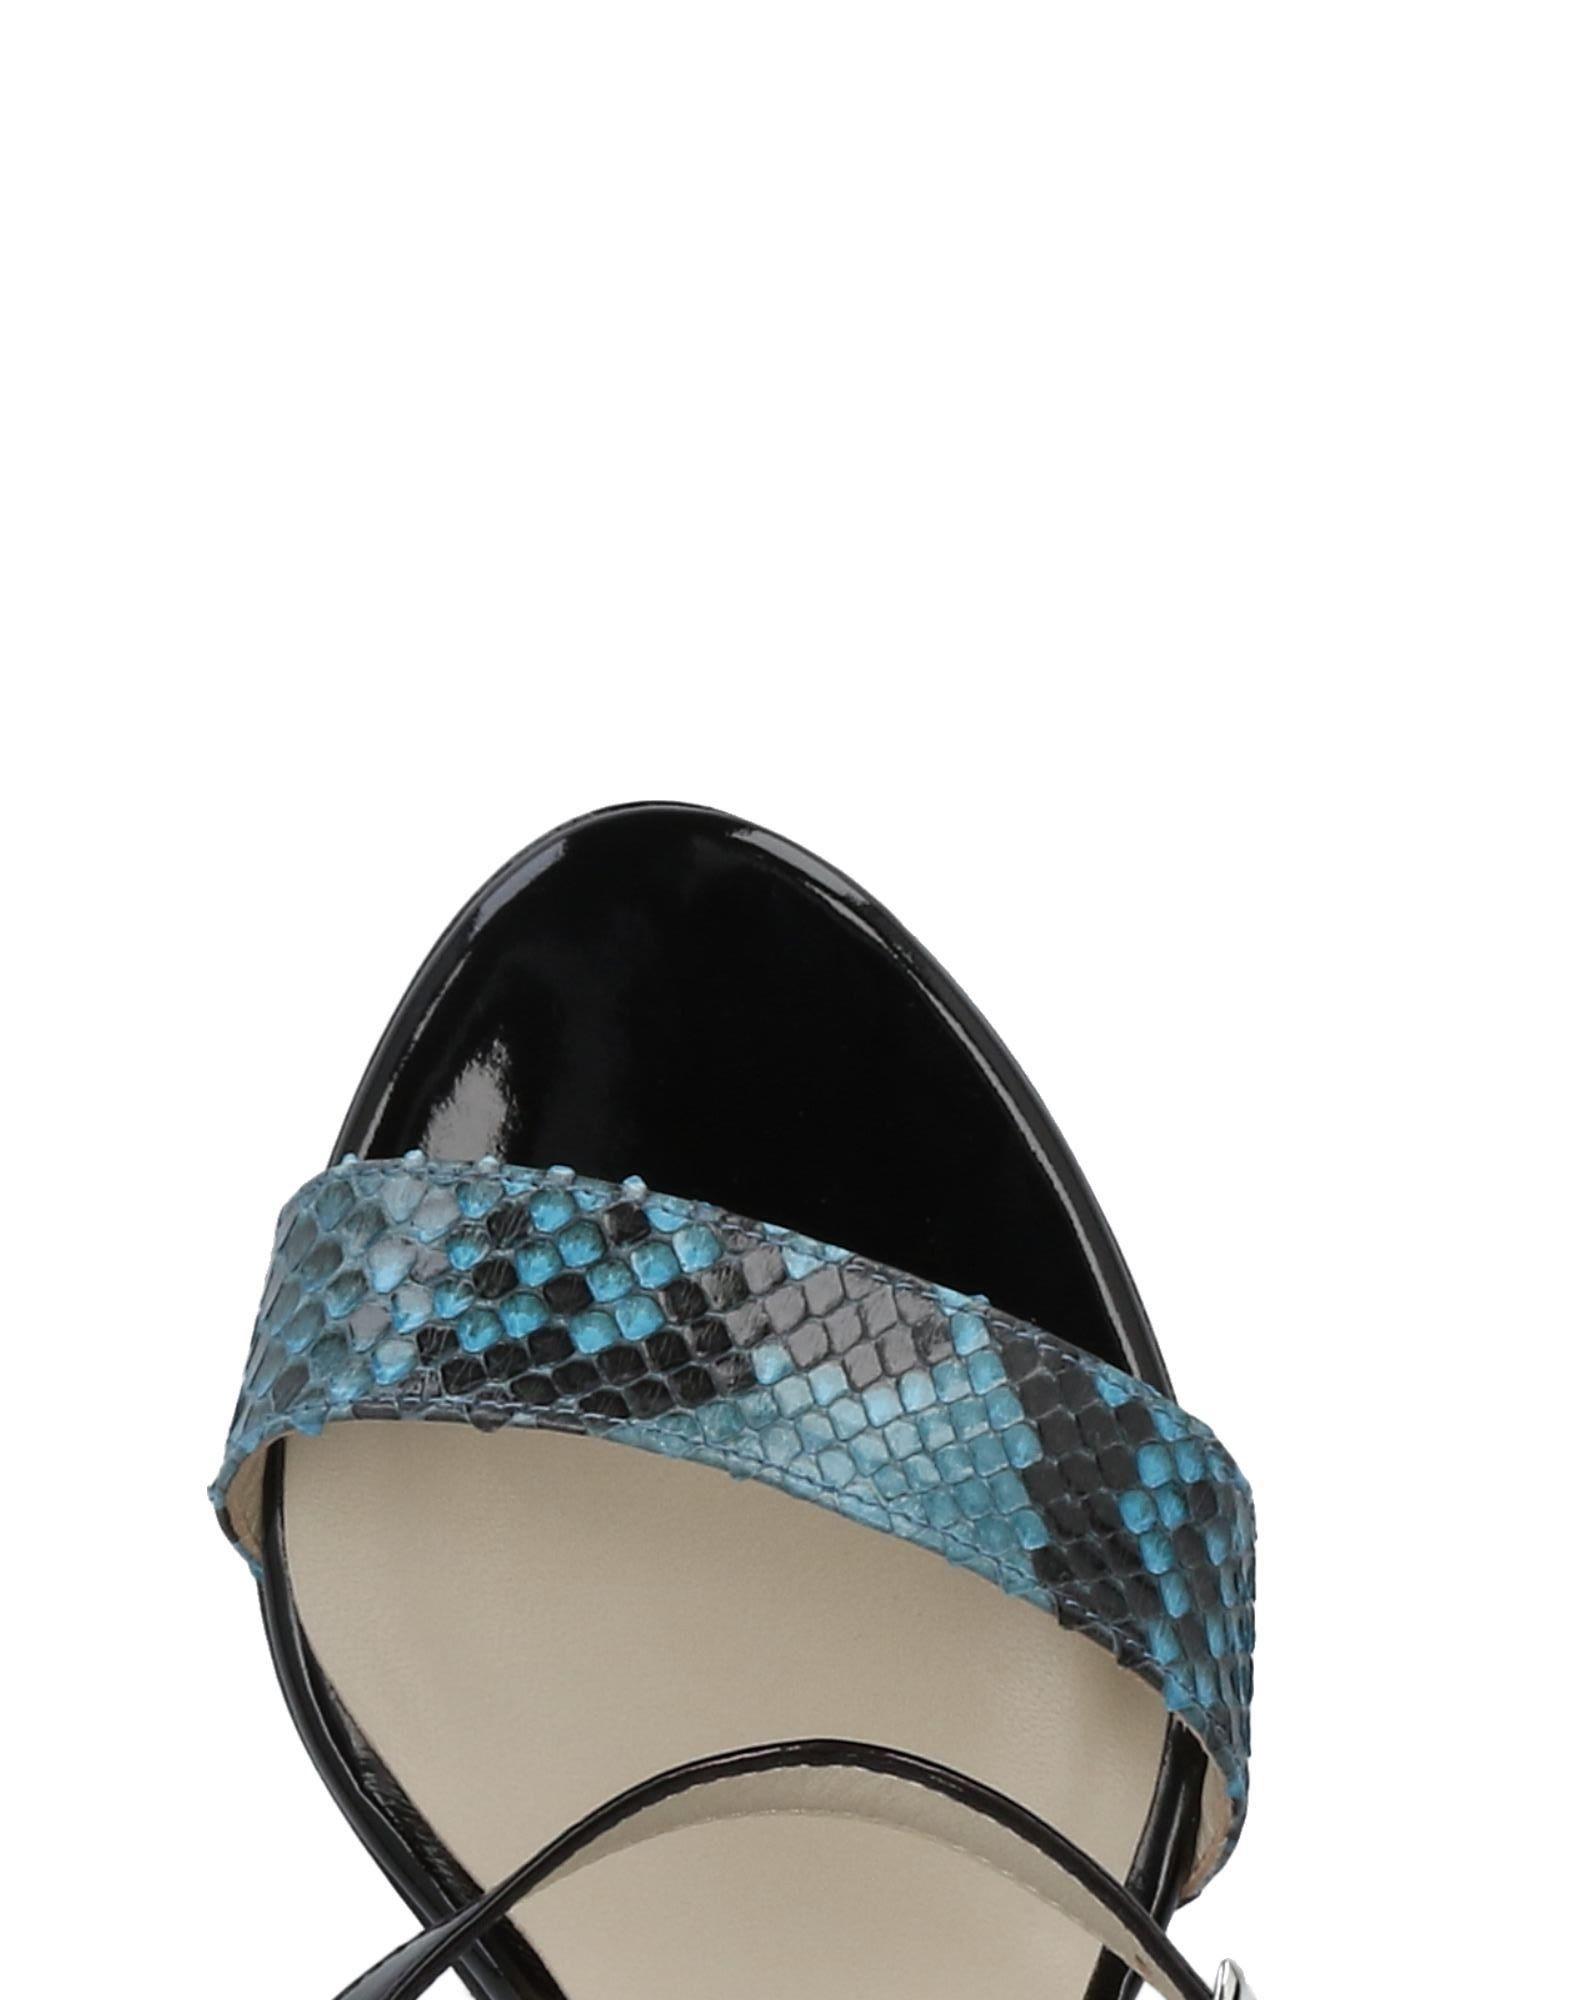 Norma J.Baker Sandalen Damen  11425535IW Gute Qualität beliebte Schuhe